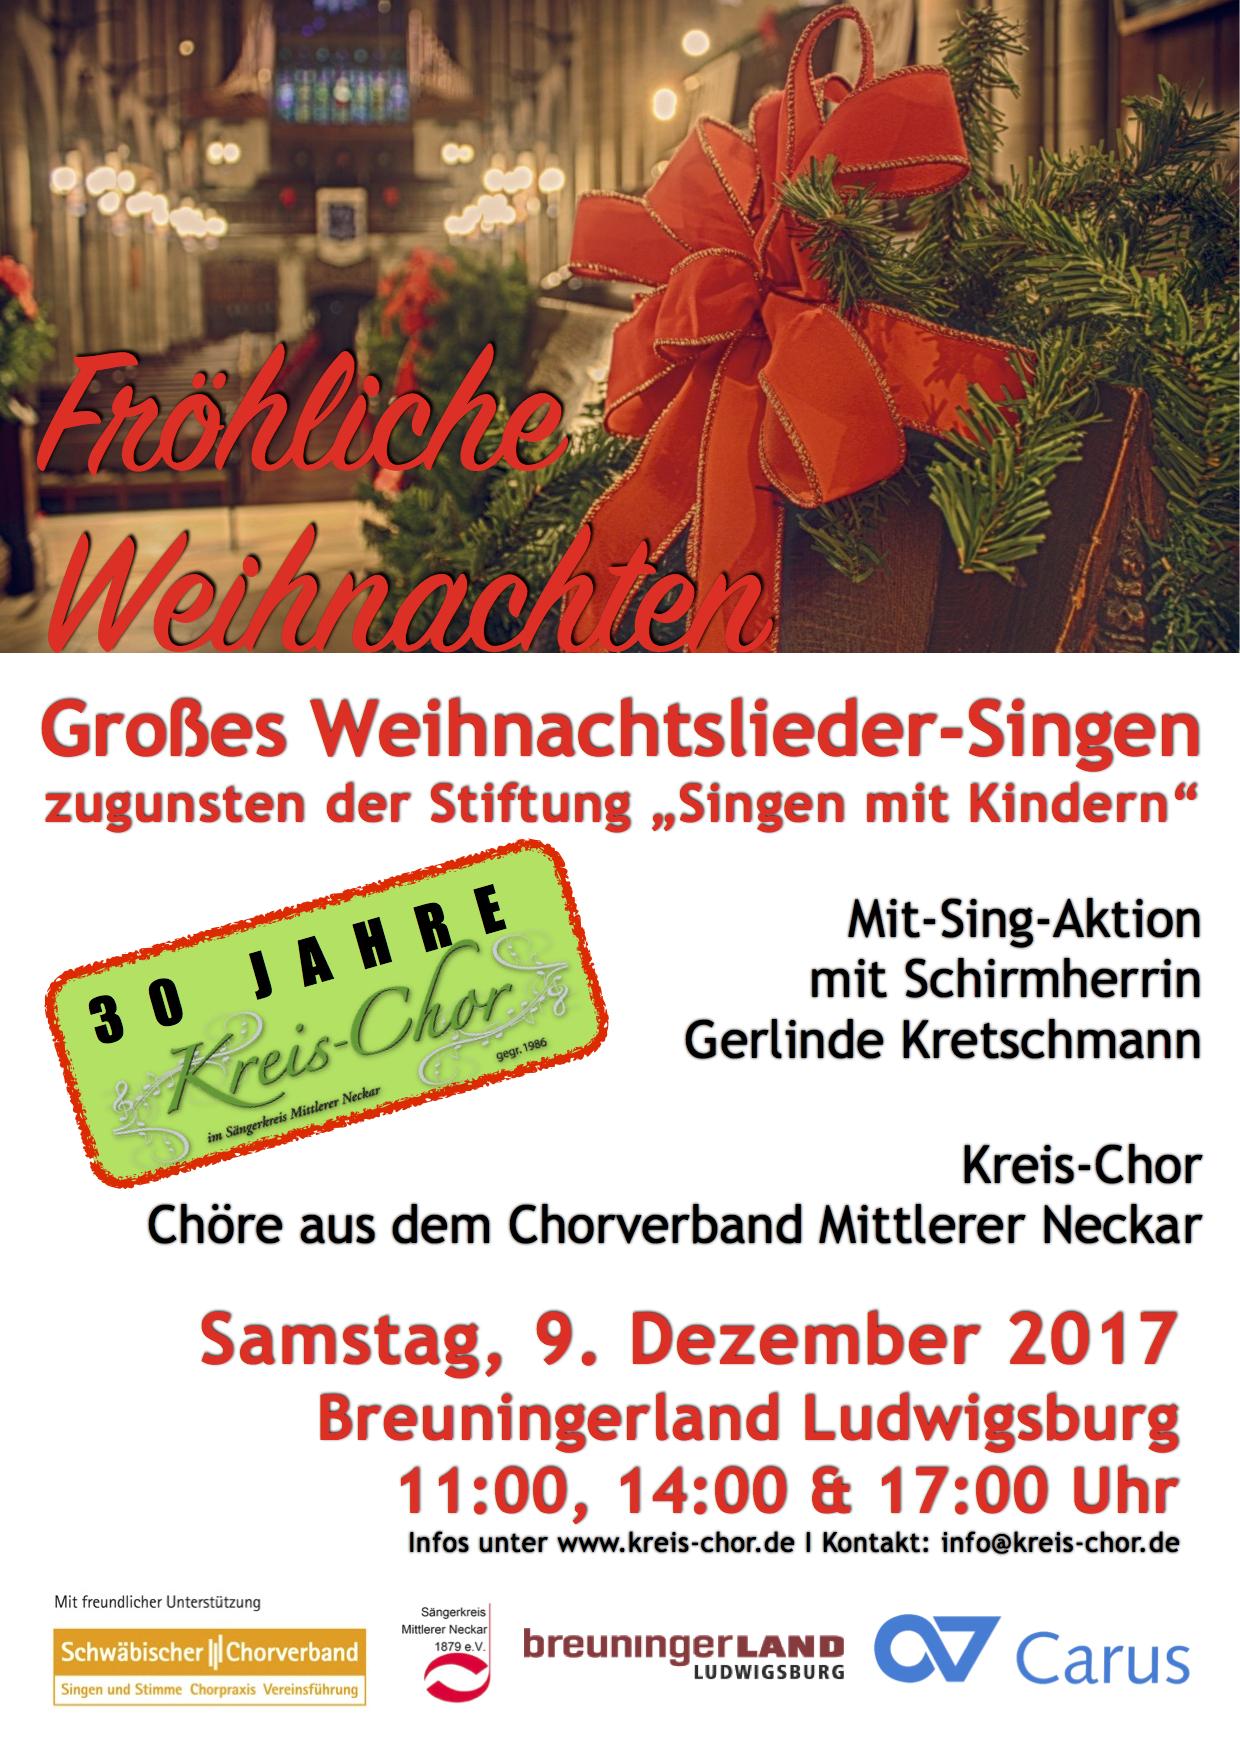 Weihnachtslieder Zum Singen.Großes Weihnachtslieder Singen Kreis Chor Organisiert Mit Sing